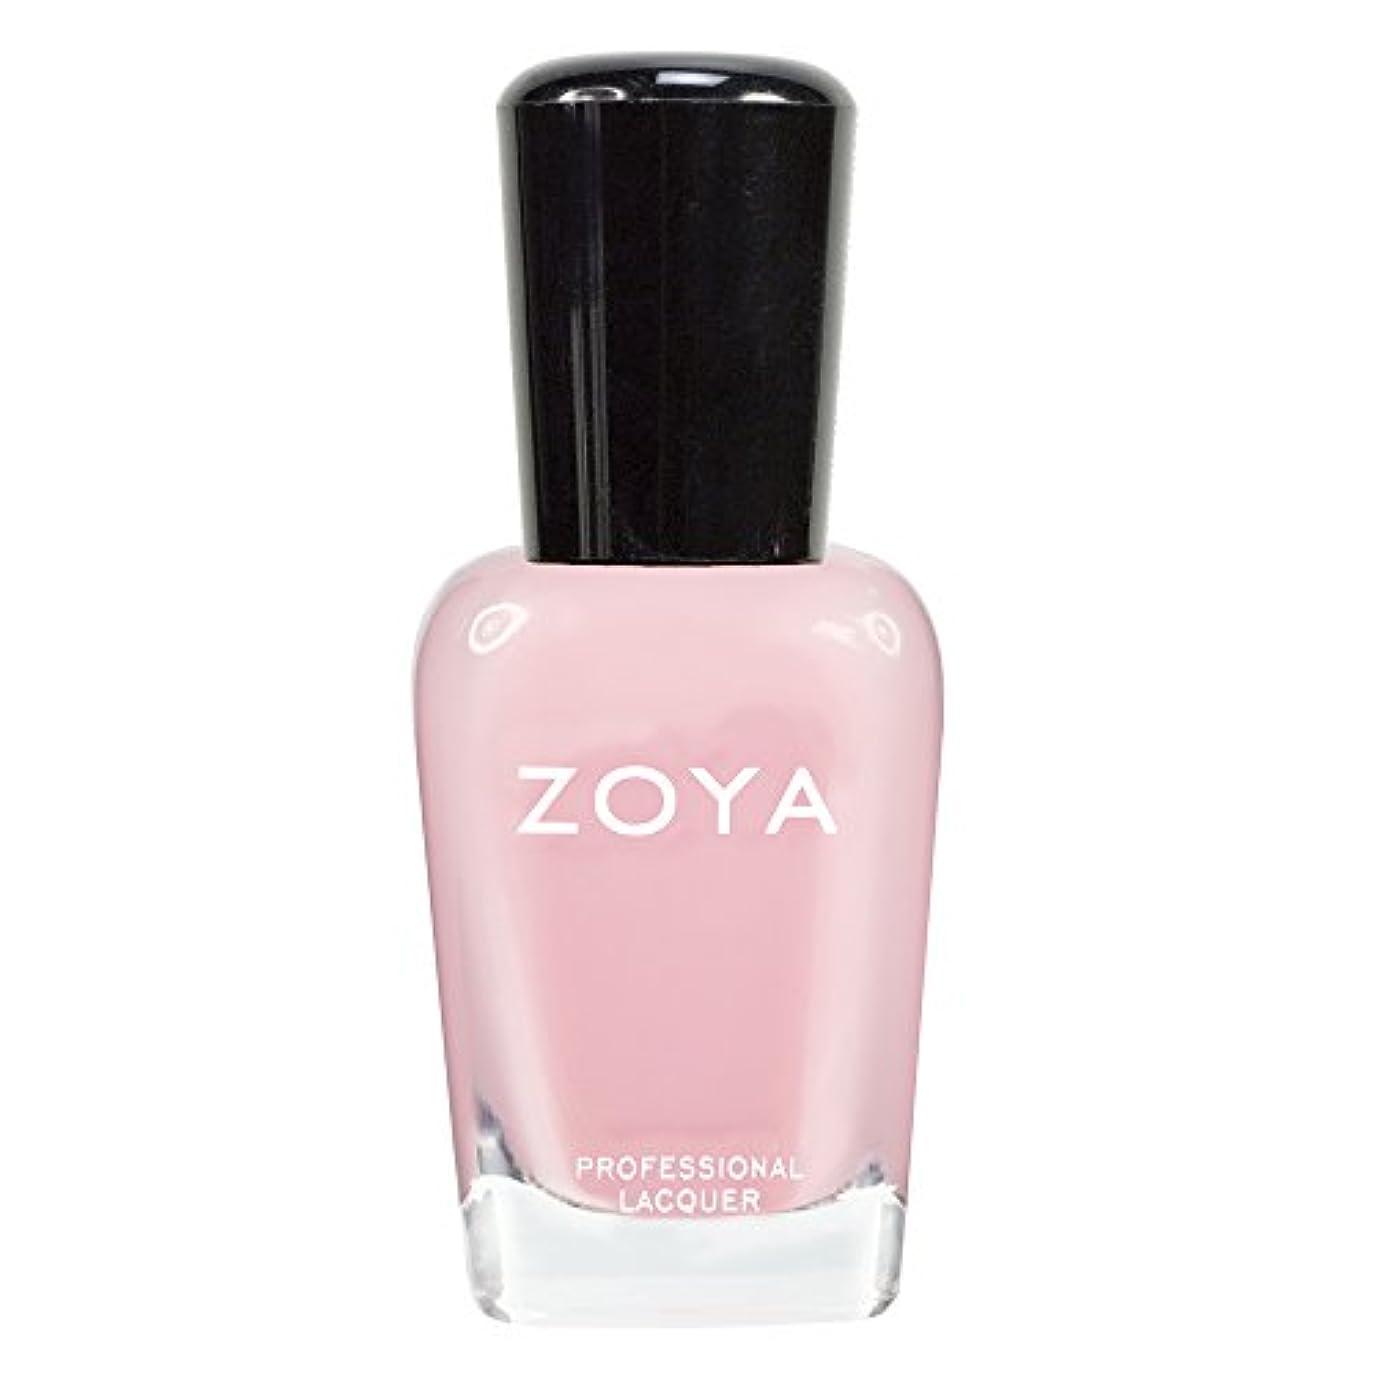 生産的緑コートZOYA ゾーヤ ネイルカラーZP433 LAURIE ローリー 15ml 可愛く色づく桜の花ようなピンク シアー/クリーム 爪にやさしいネイルラッカーマニキュア